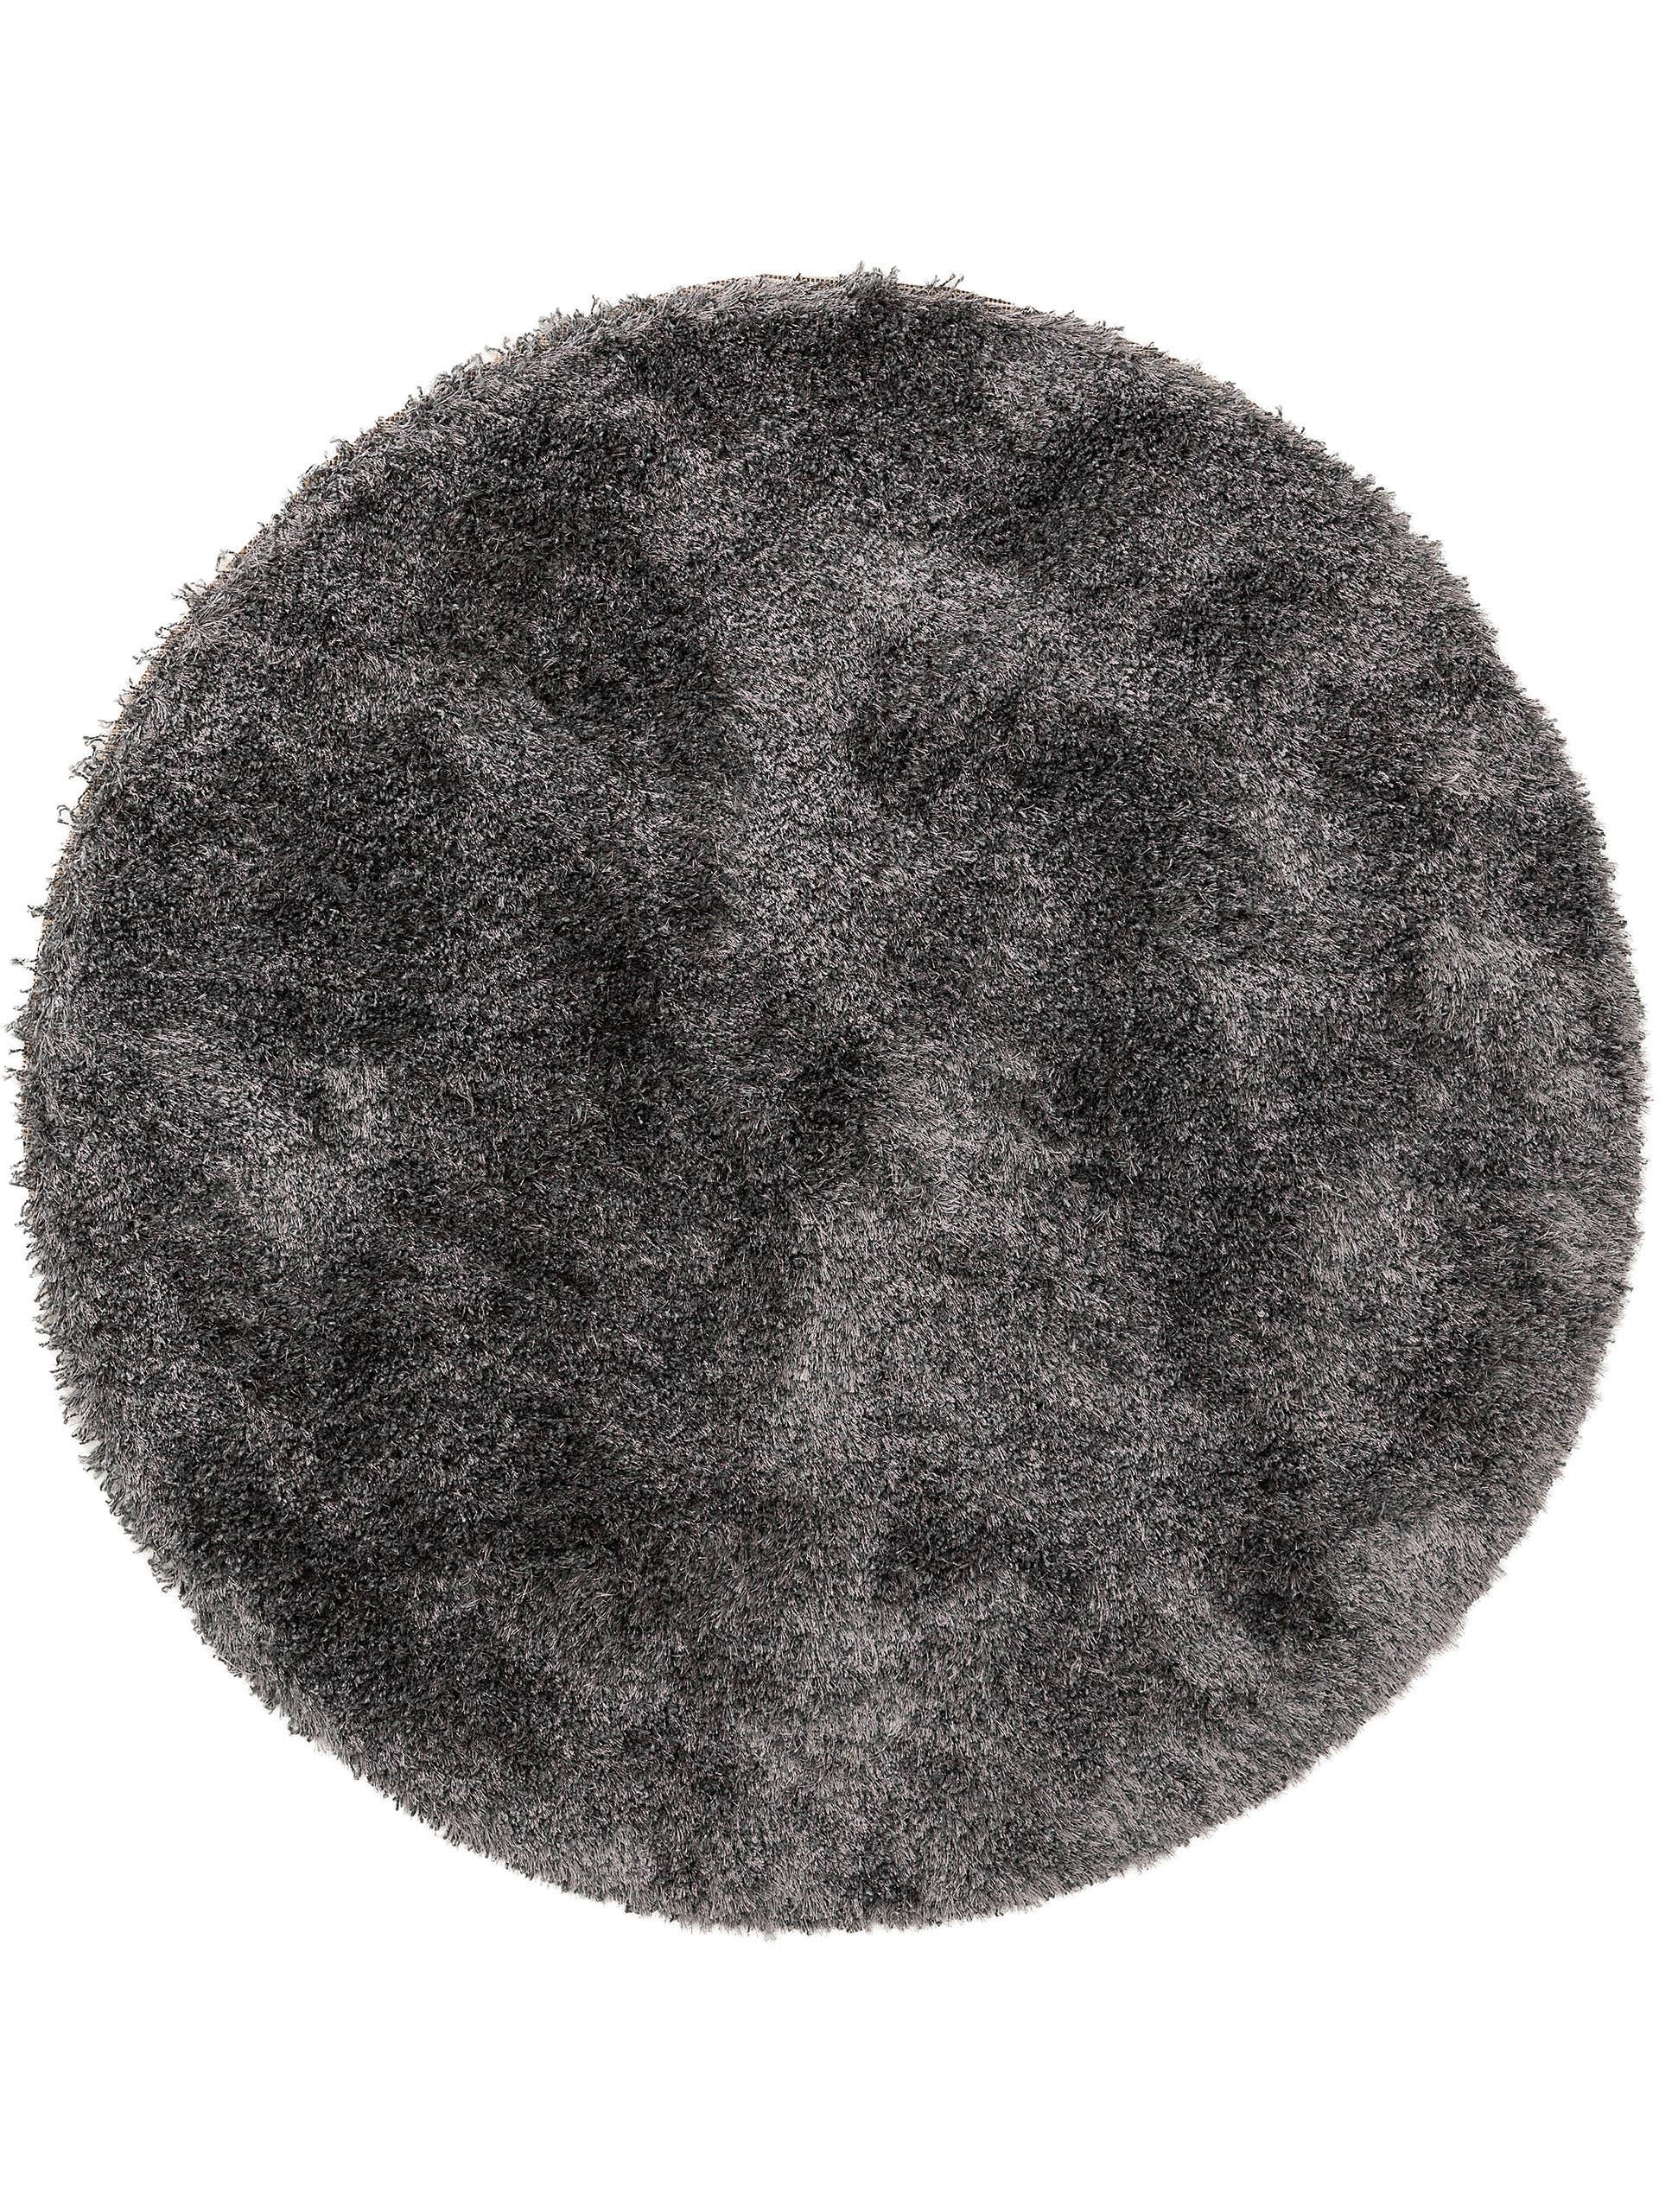 Tapis à poils longs gris D 160 rond